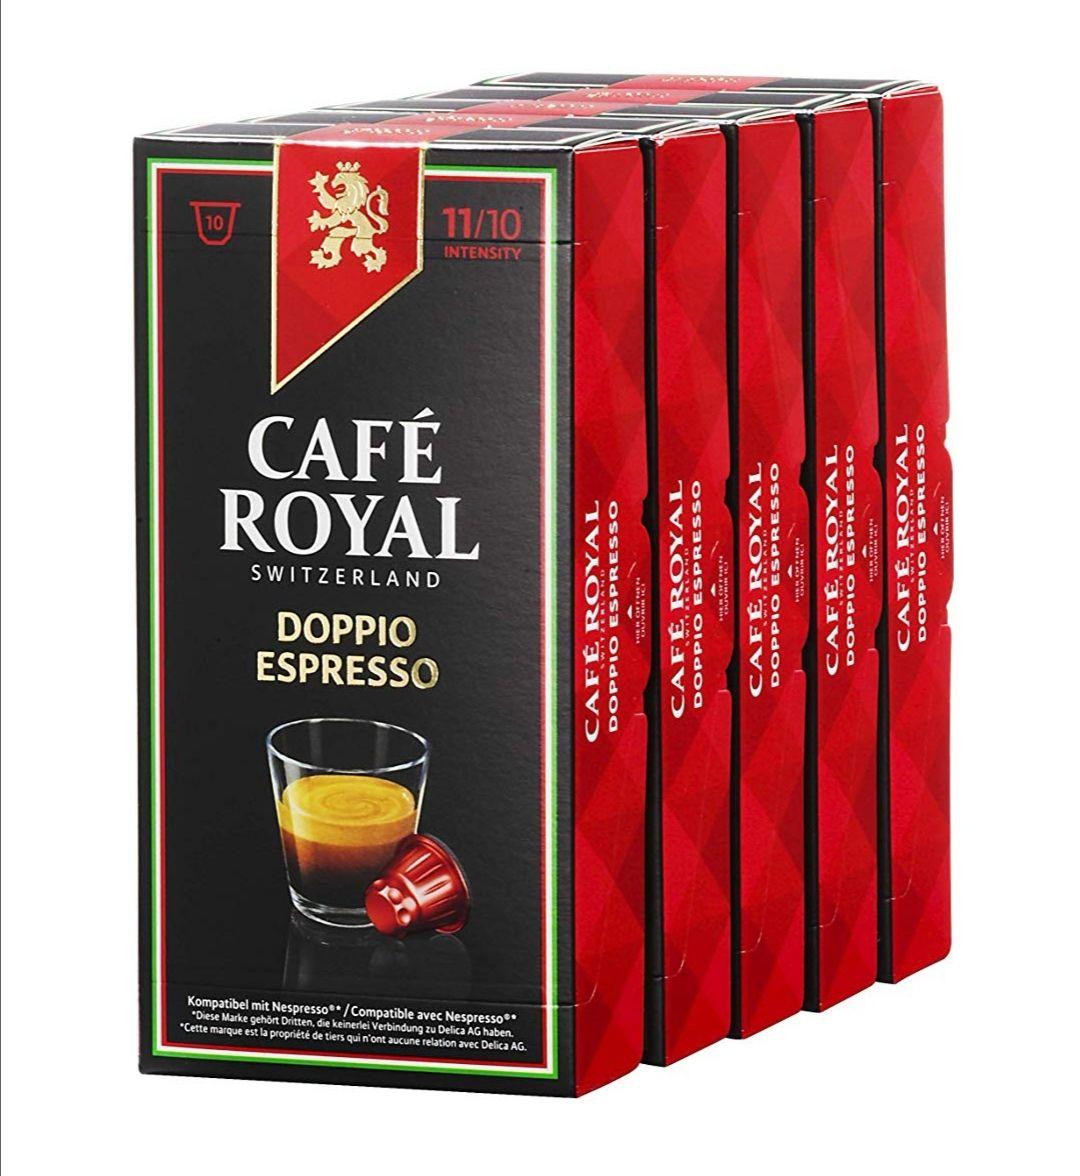 Lot de 50 capsules Café Royal Doppio Espresso compatibles Nespresso à 8.93€ (Lungo & Espresso à 9,20€)